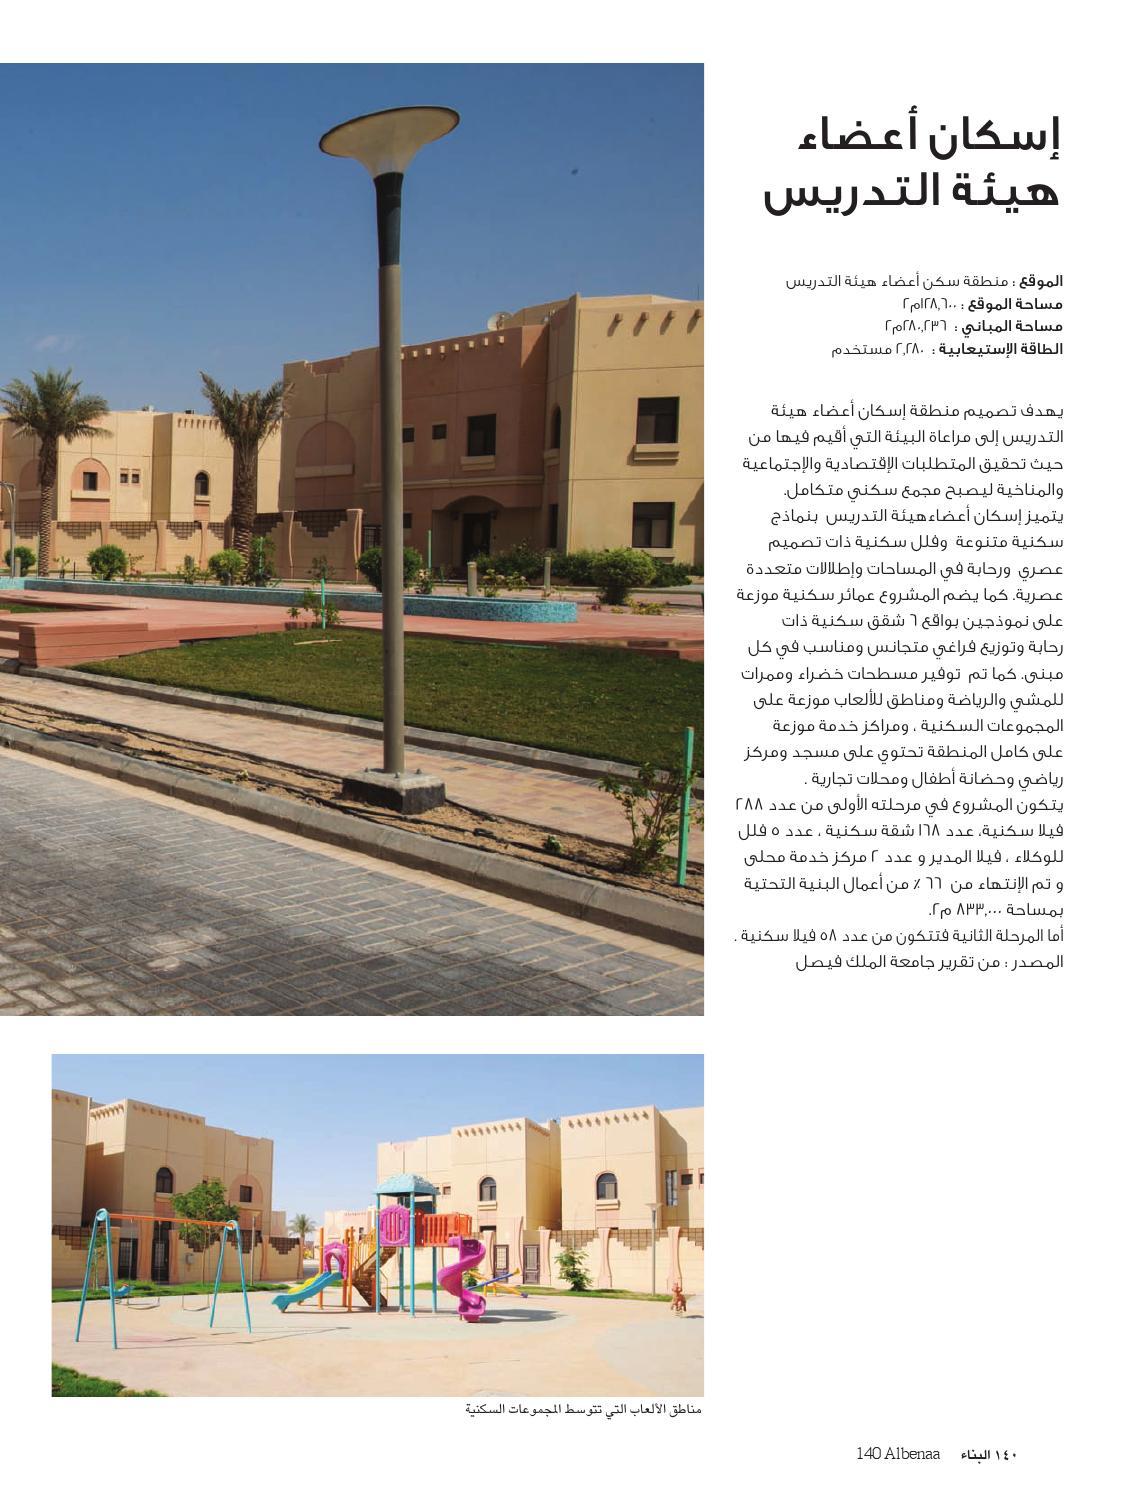 المدينة الجامعية لجامعة الملك فيصل بالاحساء By مجلة البناء Issuu